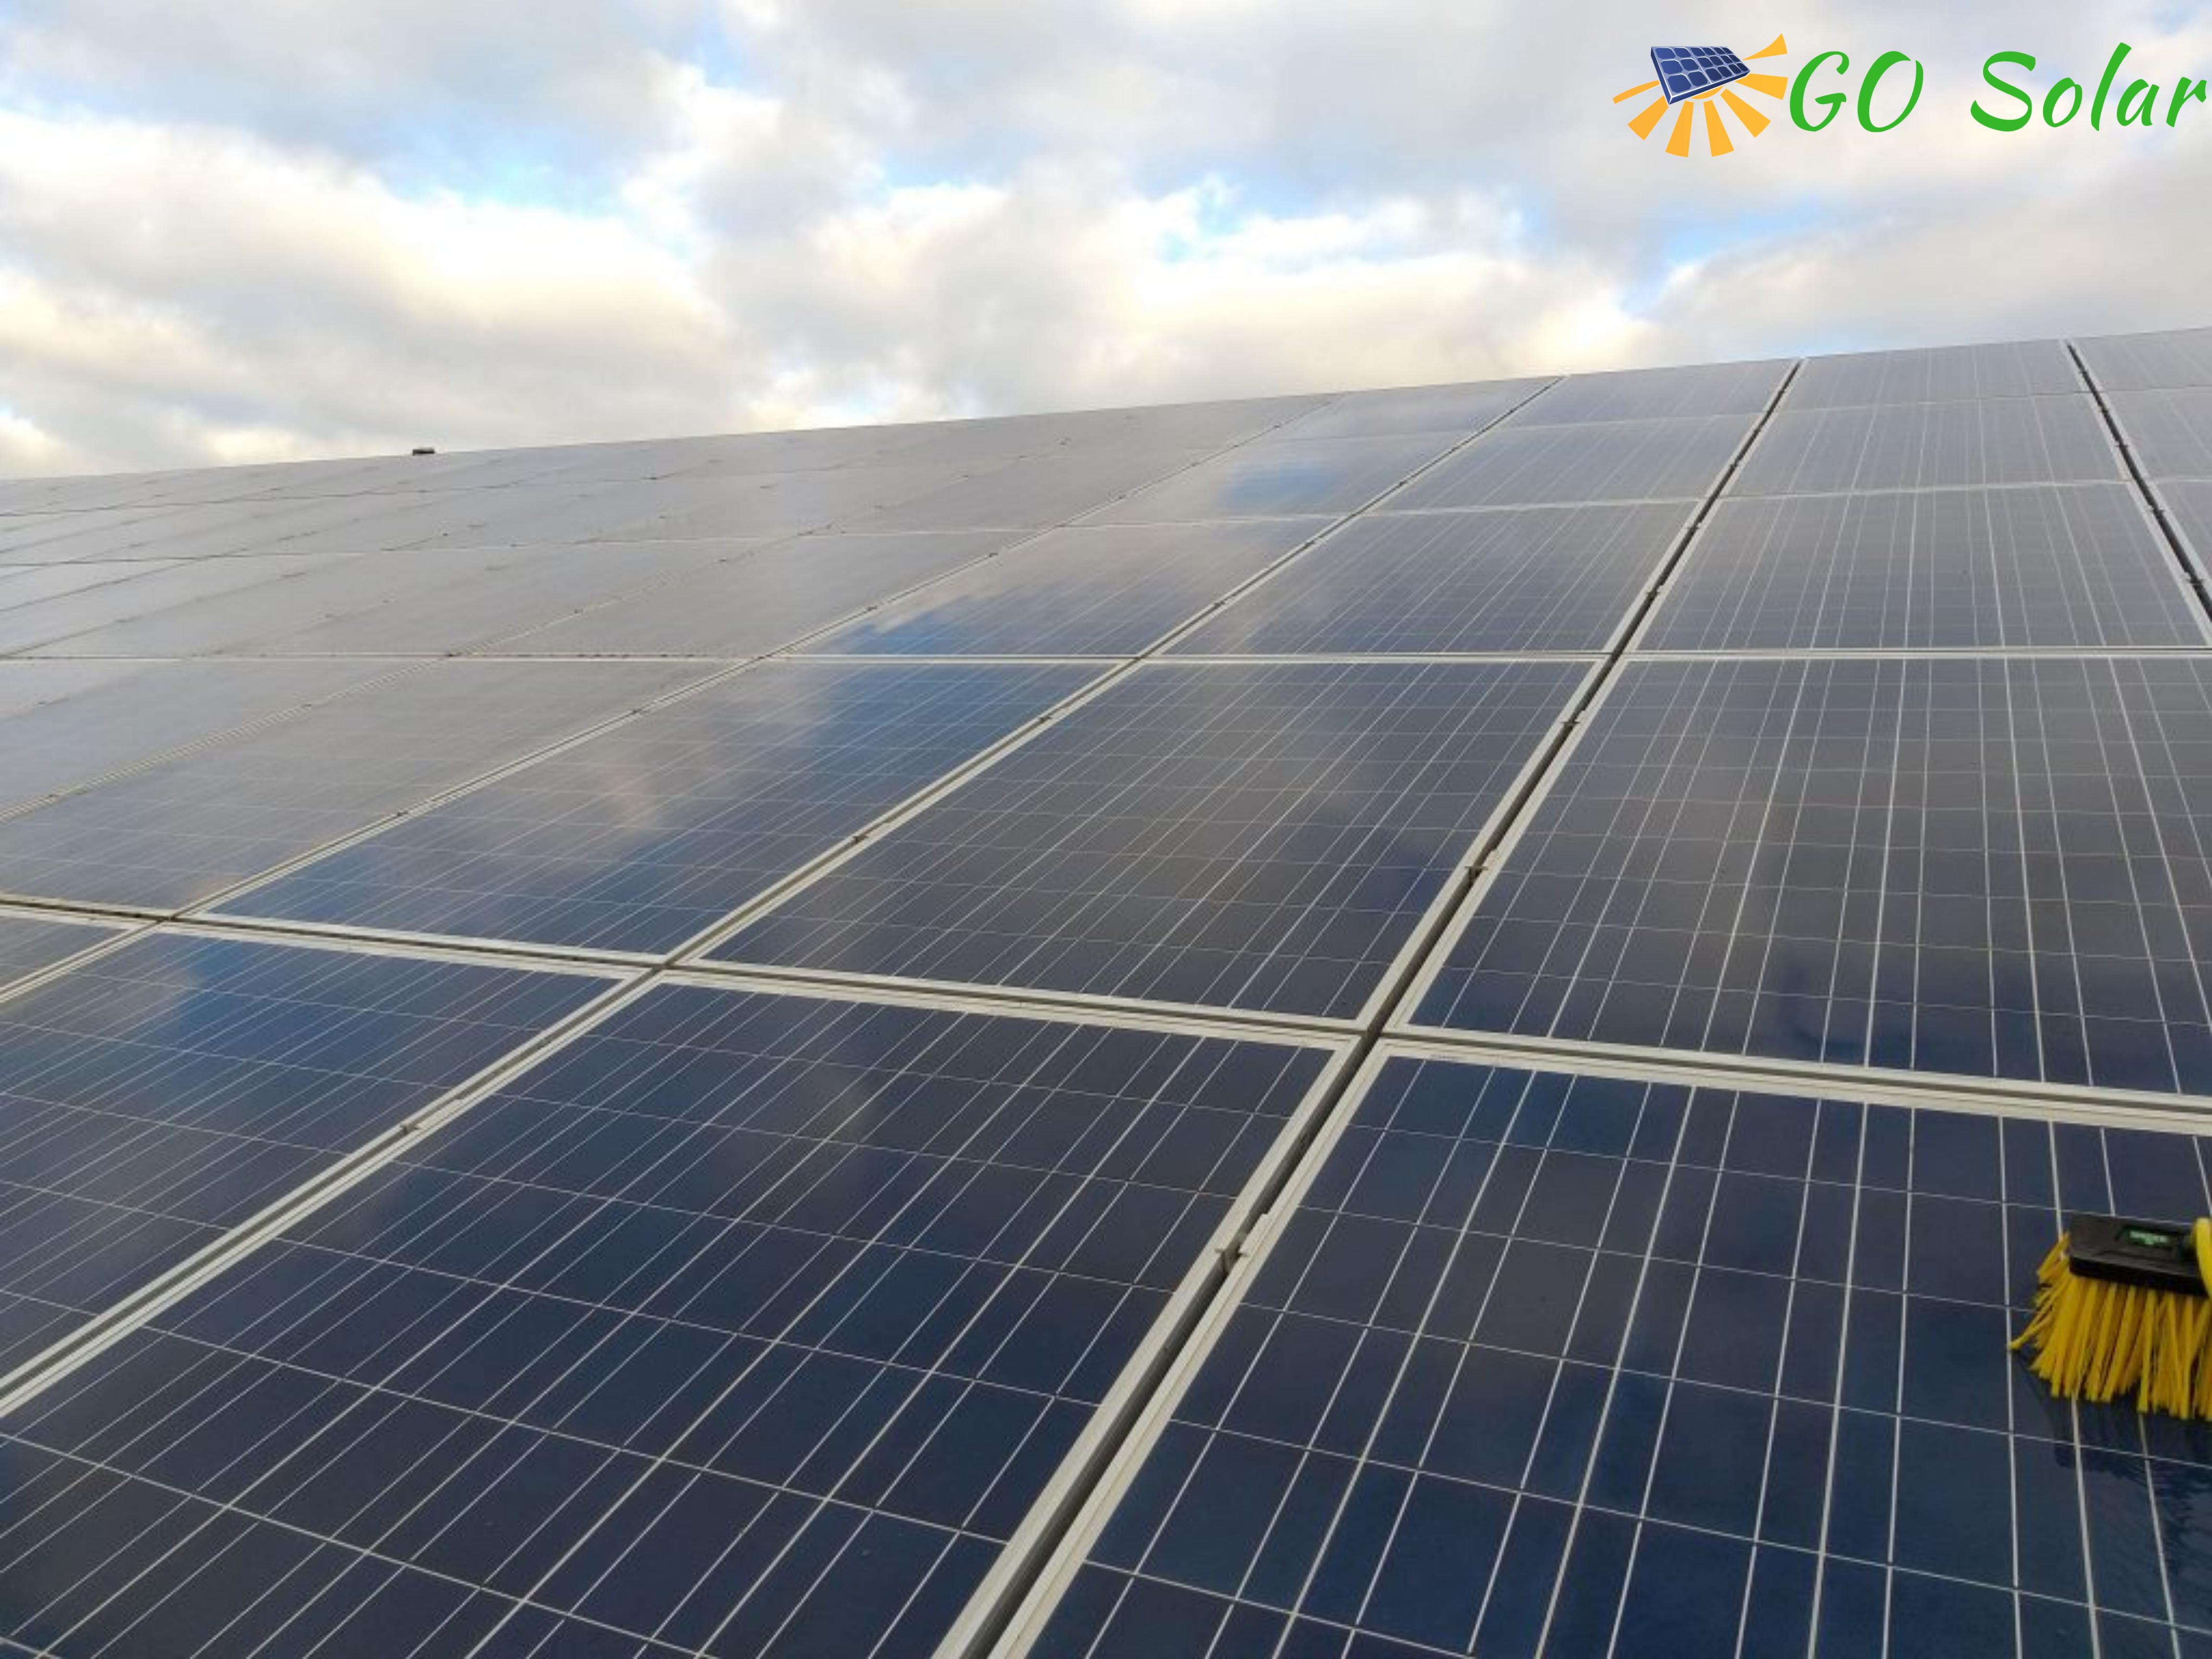 Nettoyage et entretien de panneaux solaires à Chalonnes